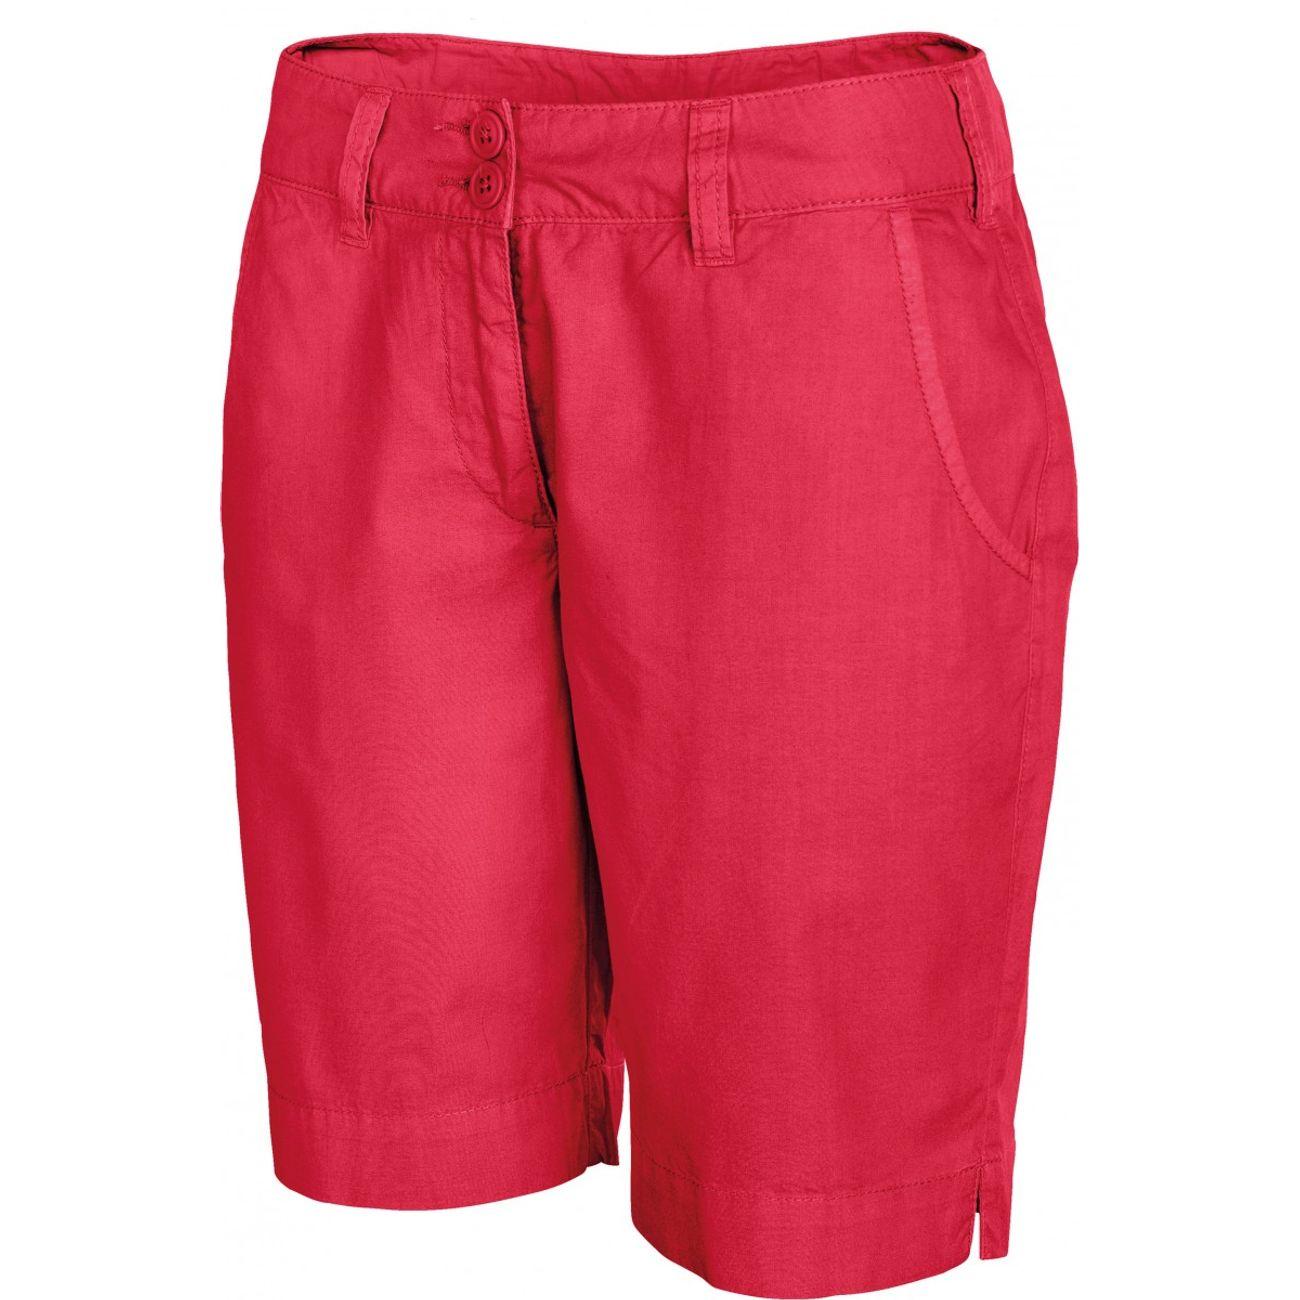 bermuda l ger pour femme k764 rouge achat et prix pas cher go sport. Black Bedroom Furniture Sets. Home Design Ideas